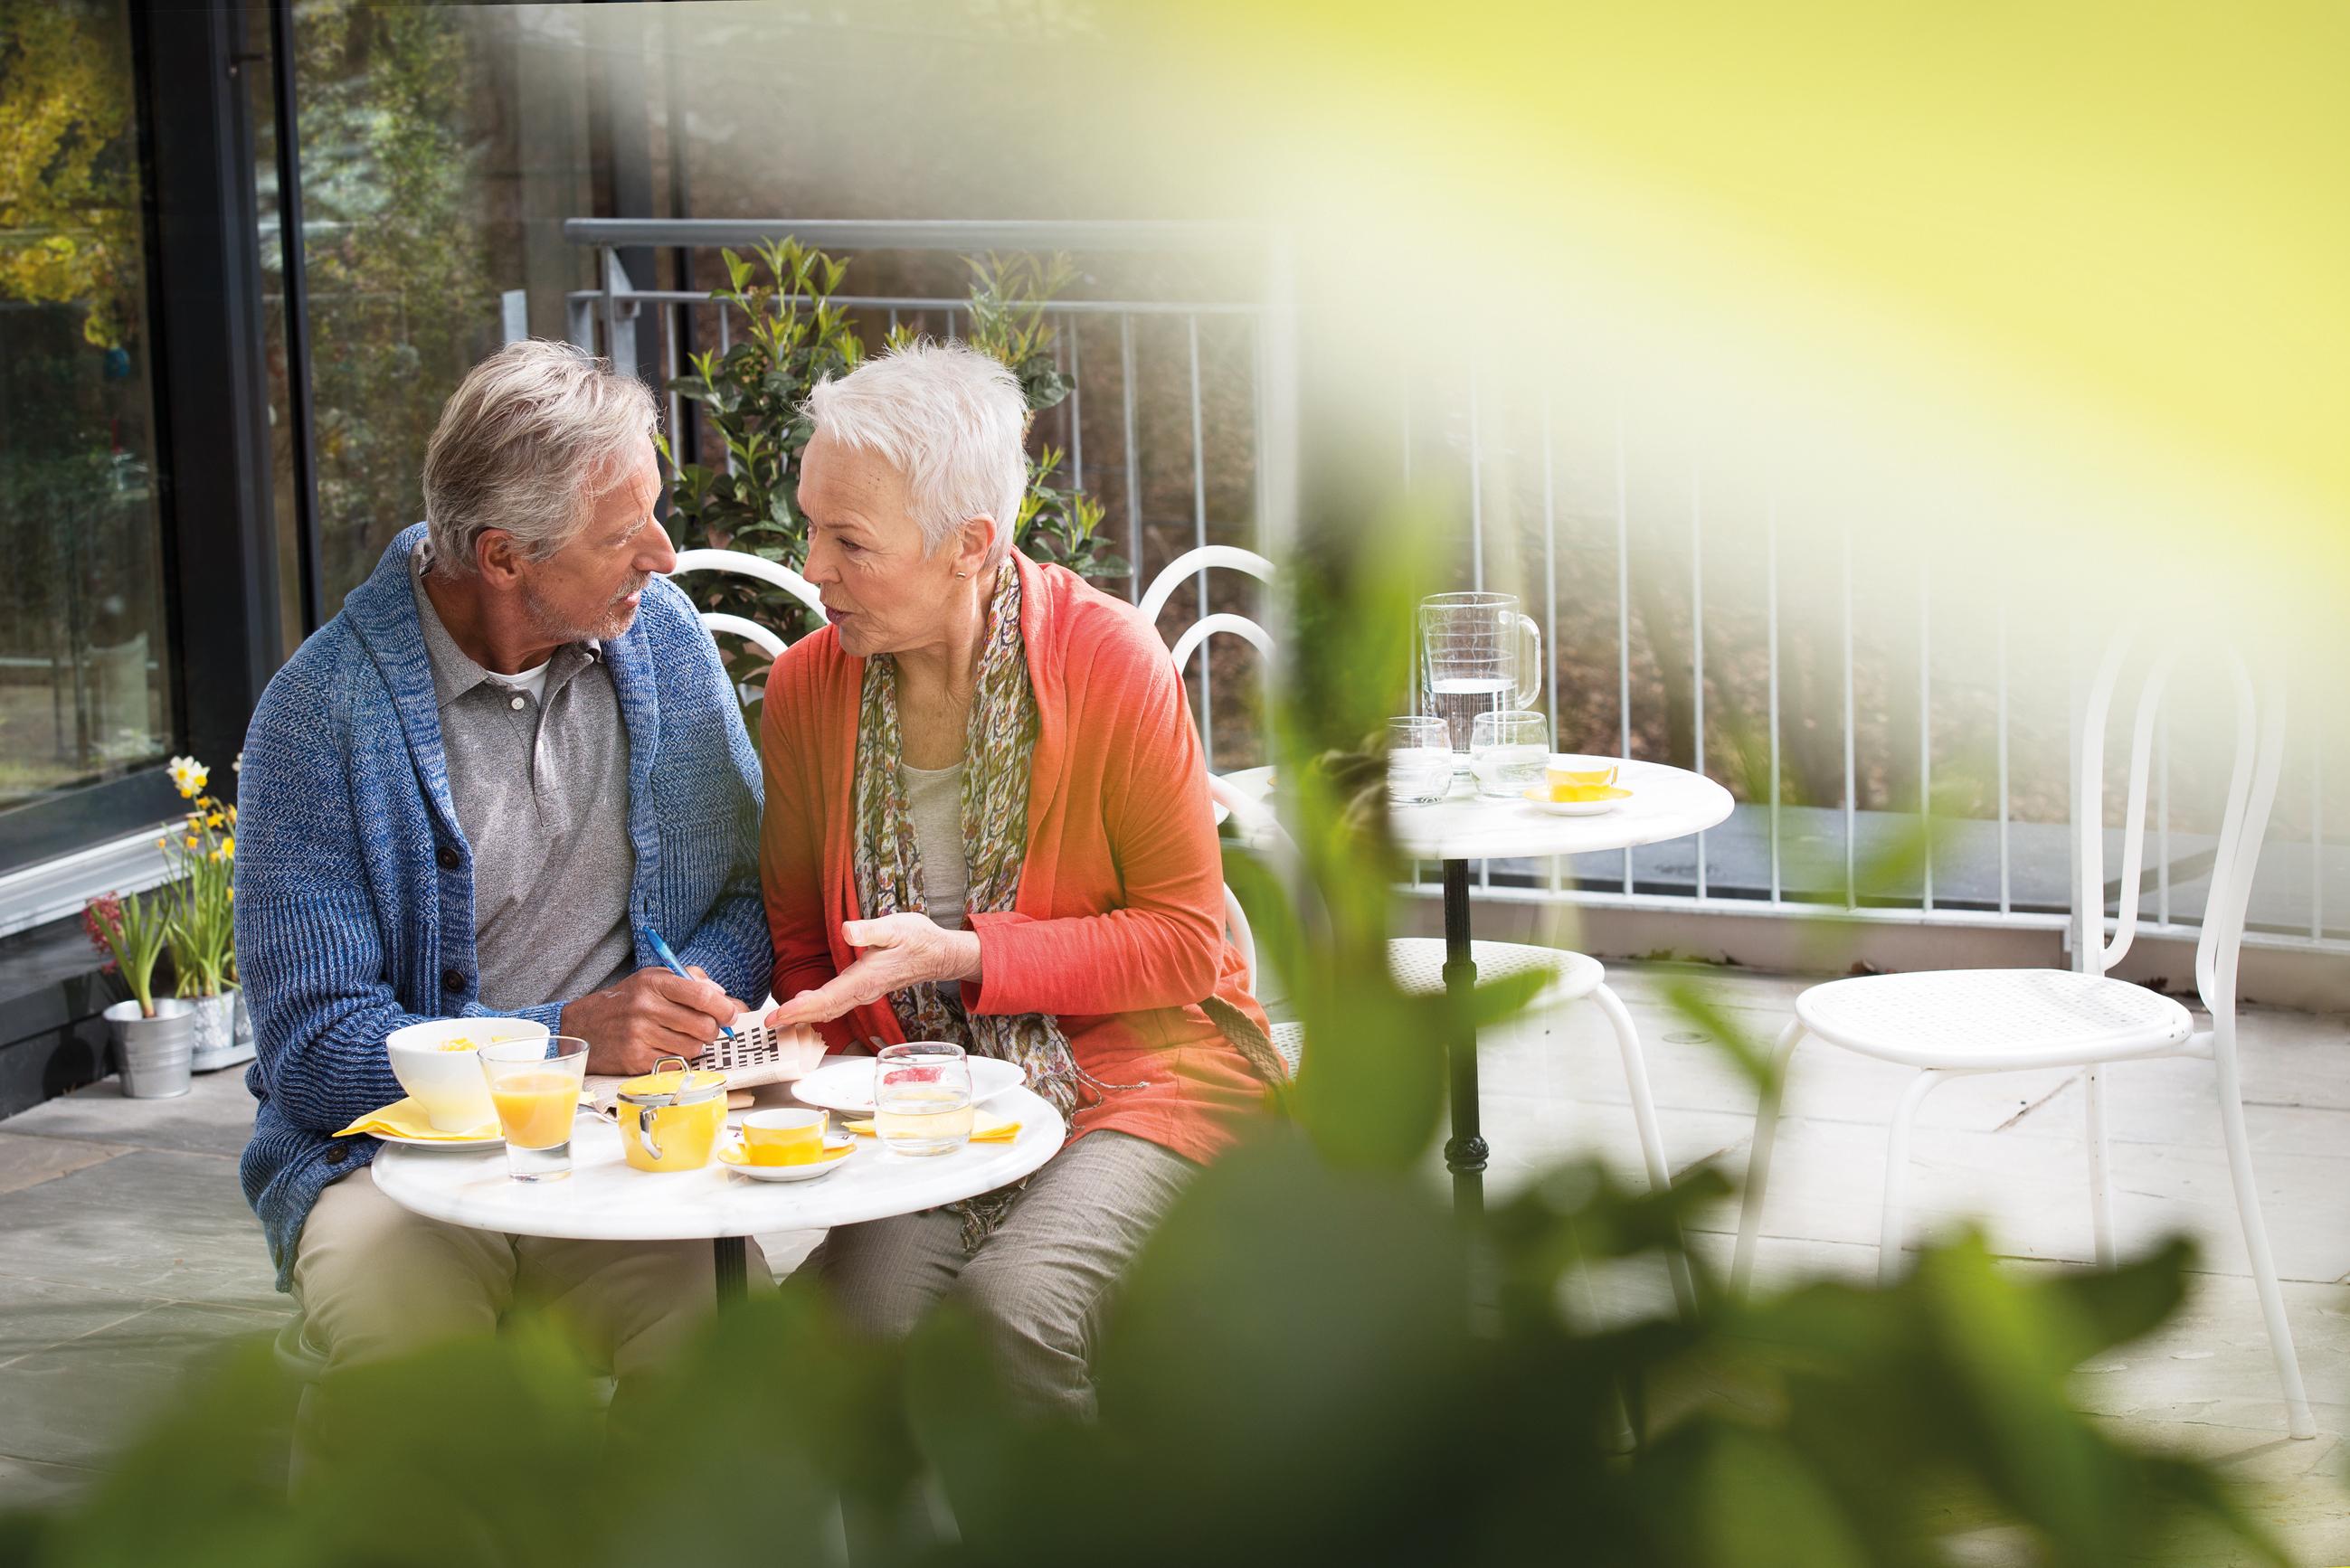 Stari bračni par razgovara za stolom u kafiću